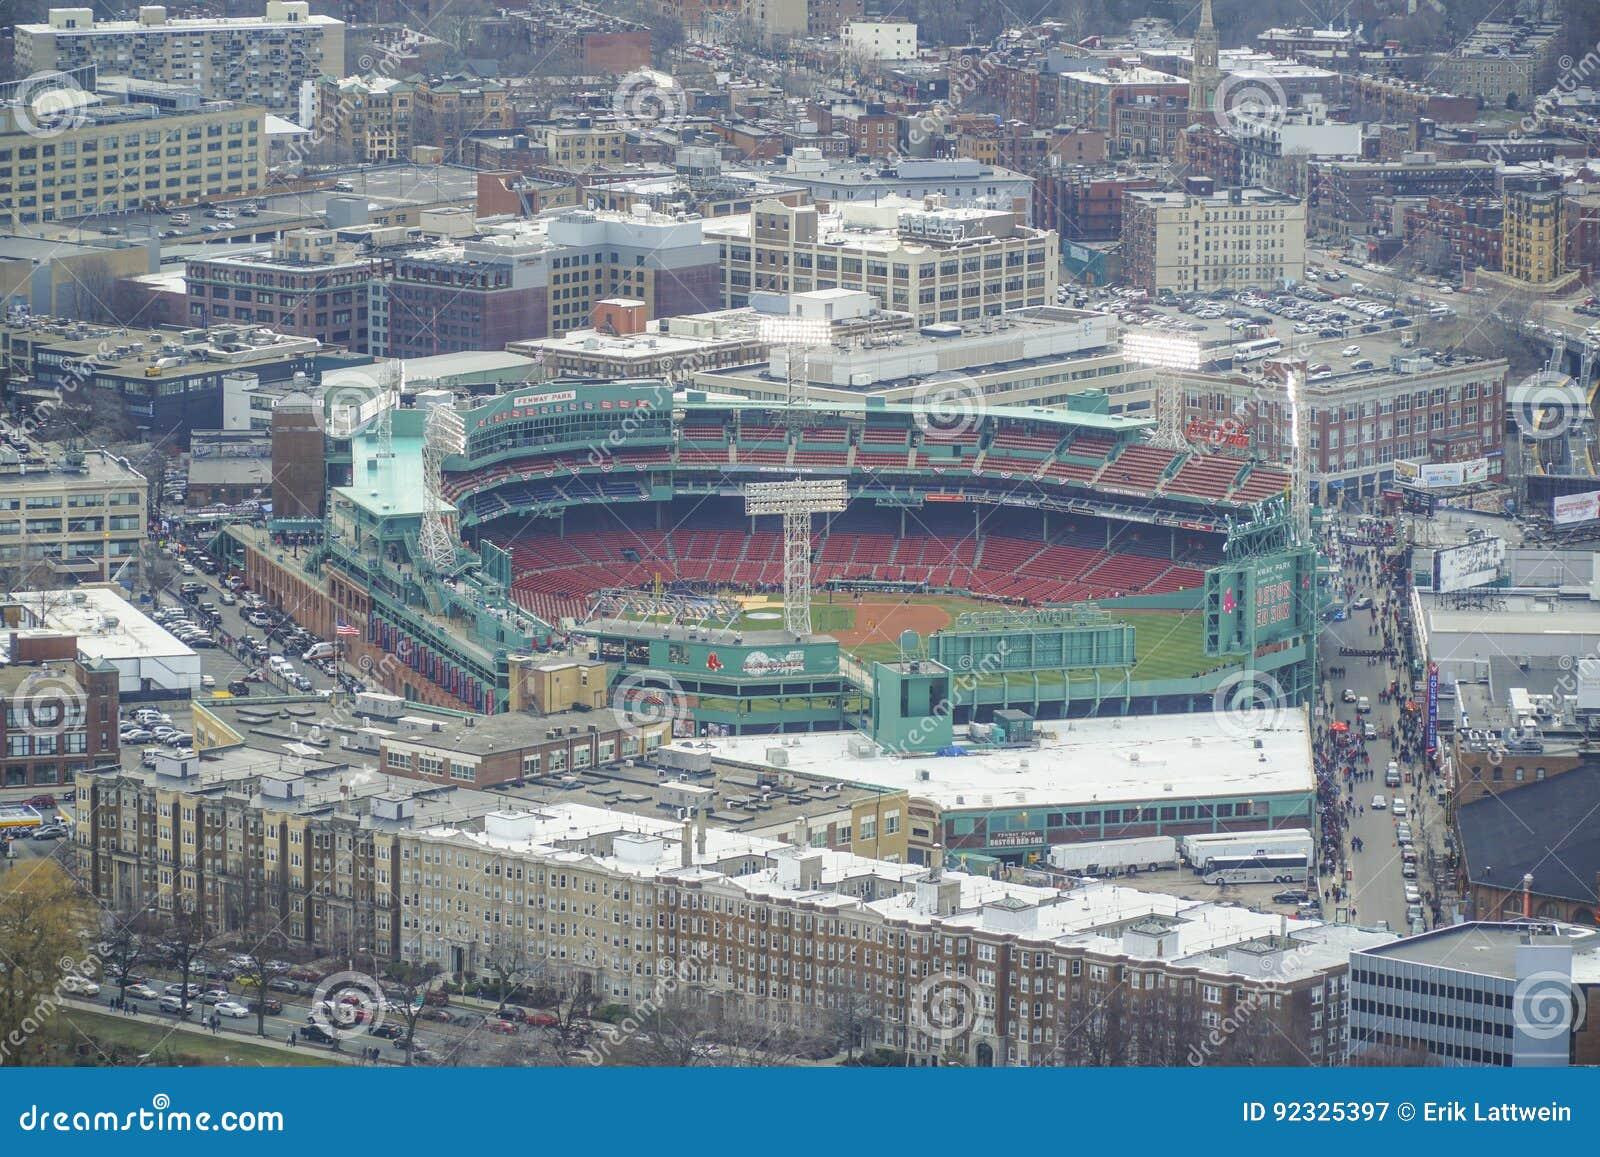 Estadio De Fenway Park En Boston - Visión Aérea - BOSTON ...